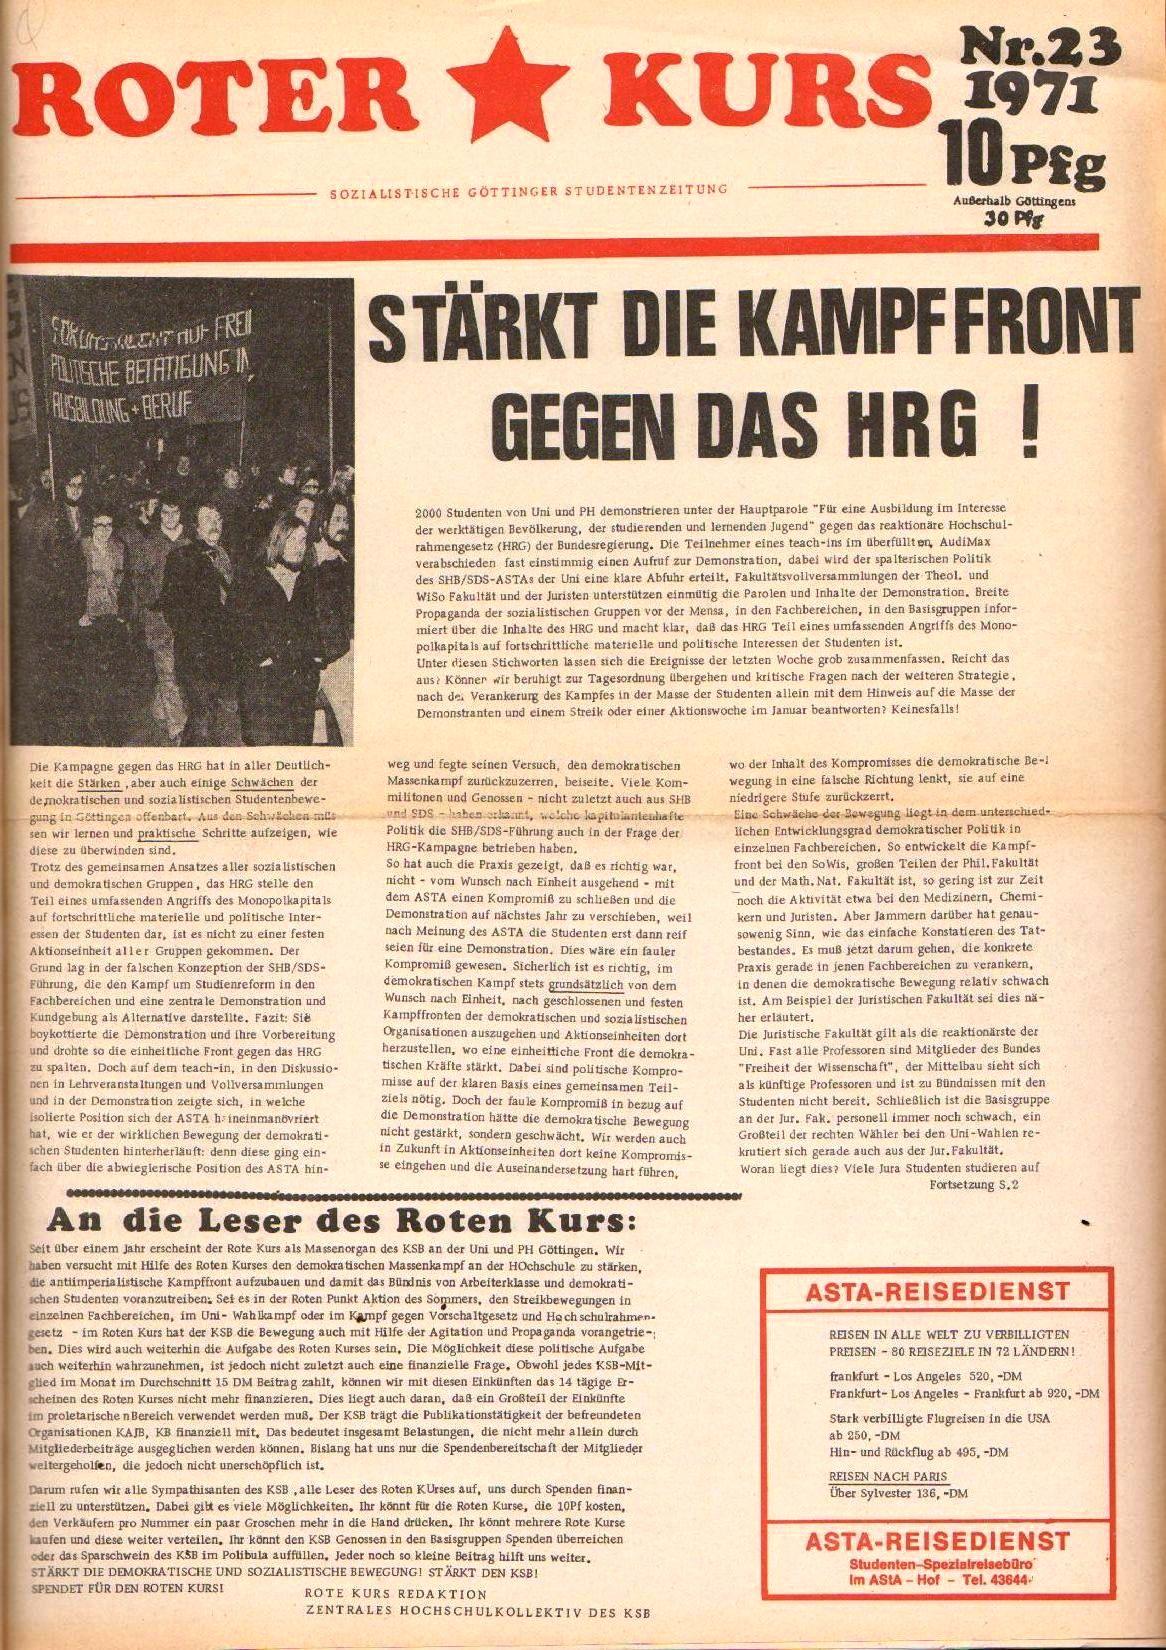 Goettingen_Roter_Kurs121